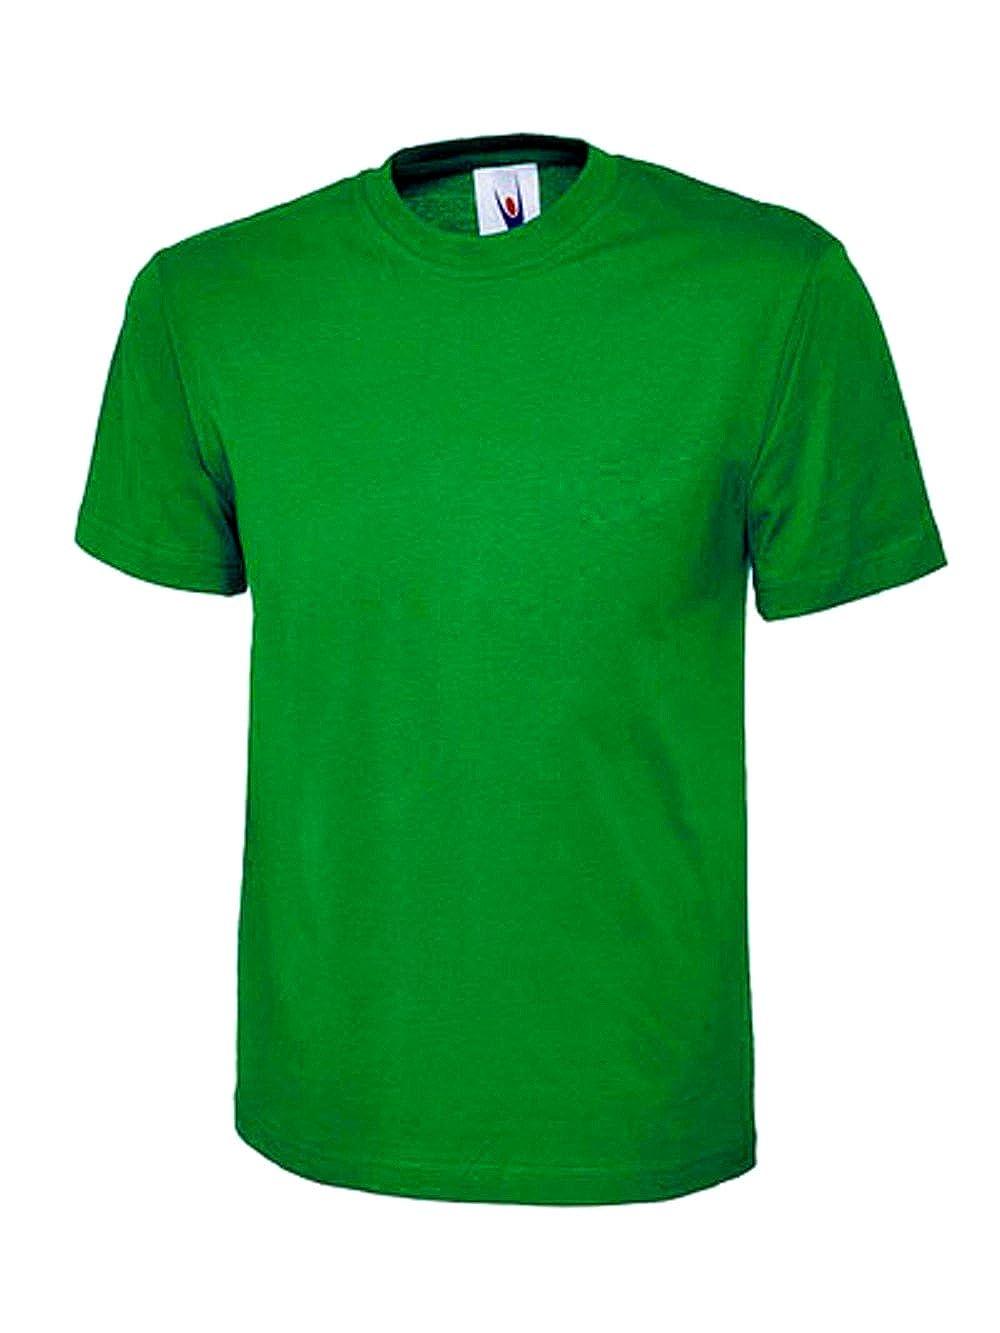 247-Clothing Ladies Loose Fit Plain T Shirt 100% Cotton Premium Top, Size 10 to 28 Plus